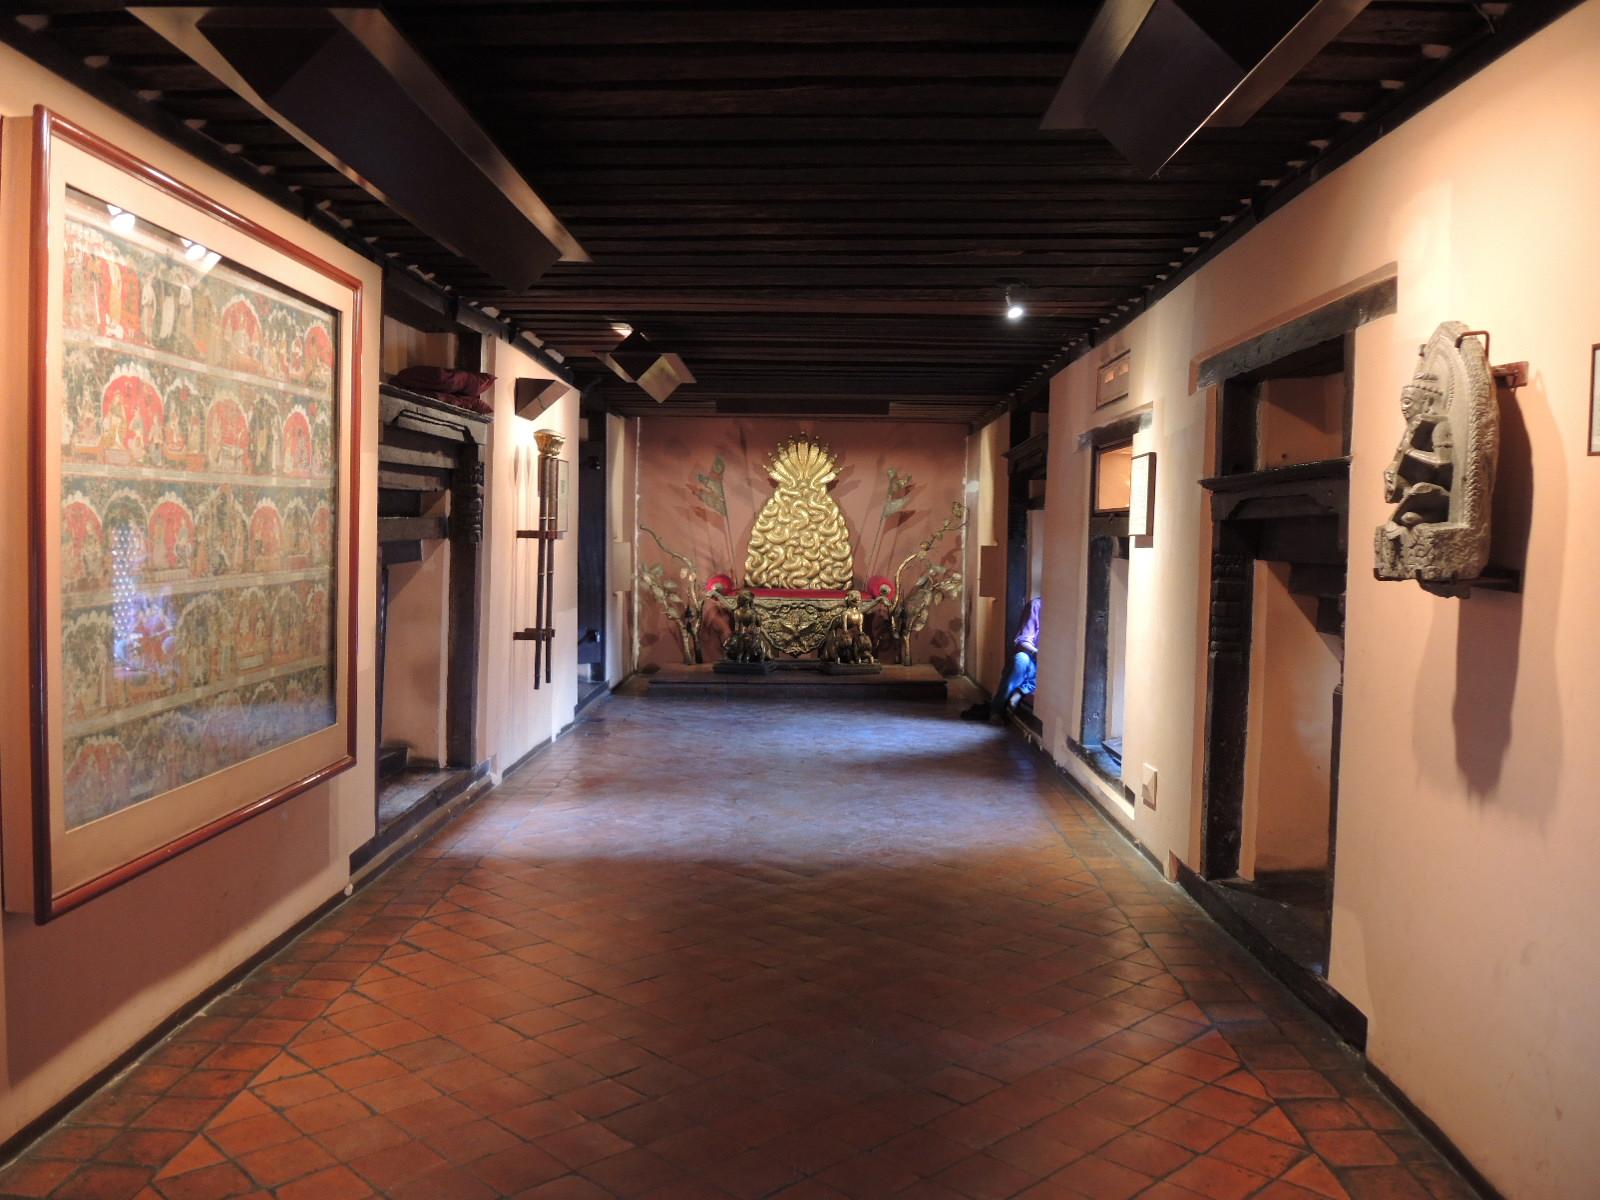 Patan Museum. Photo: mebrett/Flickr